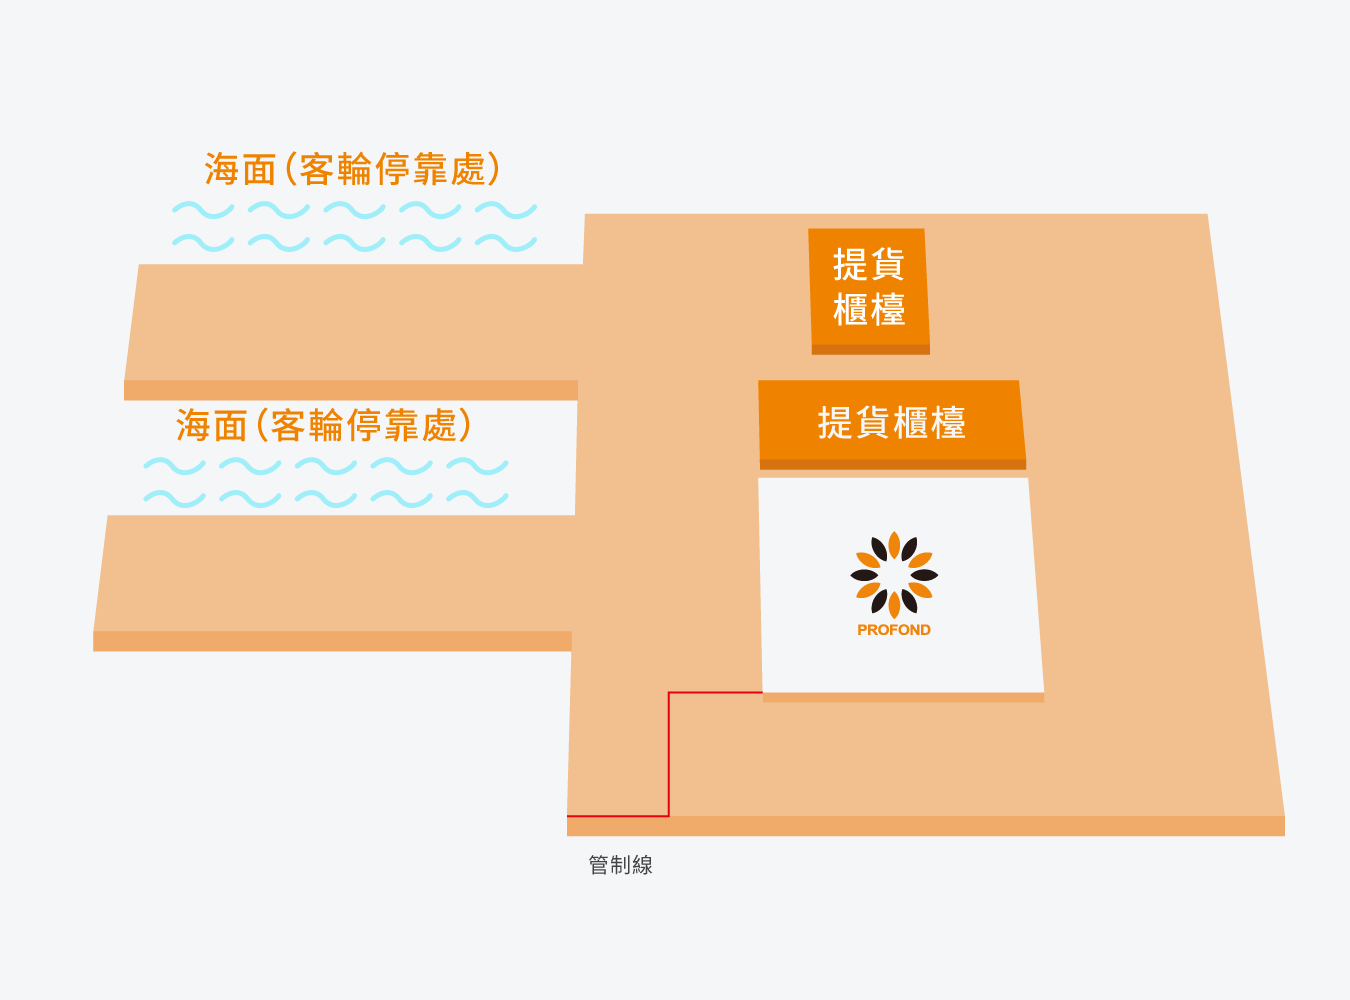 小琉球白沙漁港平面圖